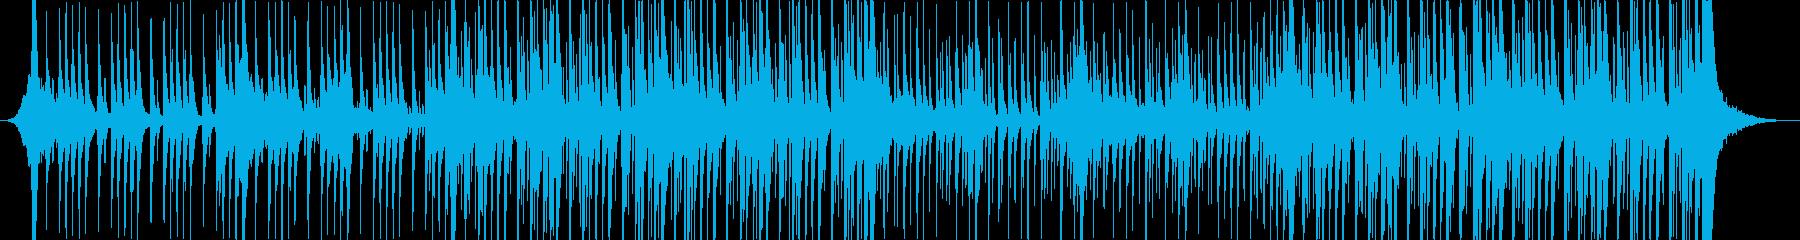 迫力あるドラム、ストンプ、クラップ楽曲の再生済みの波形